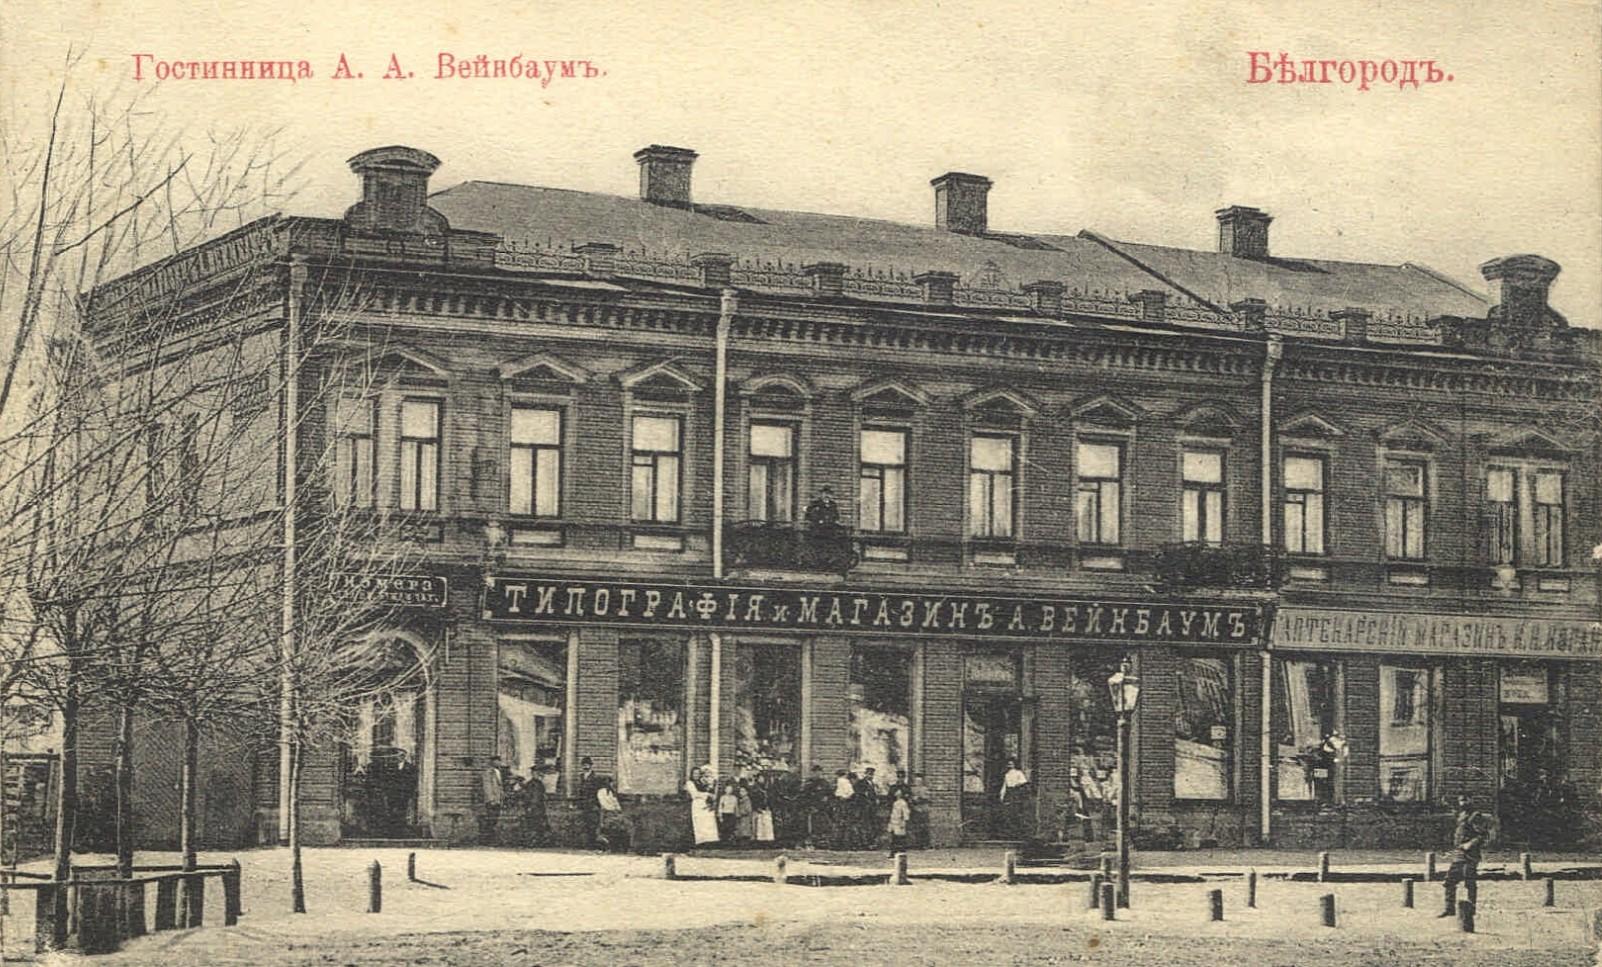 Гостиница А. А. Вейнбаума